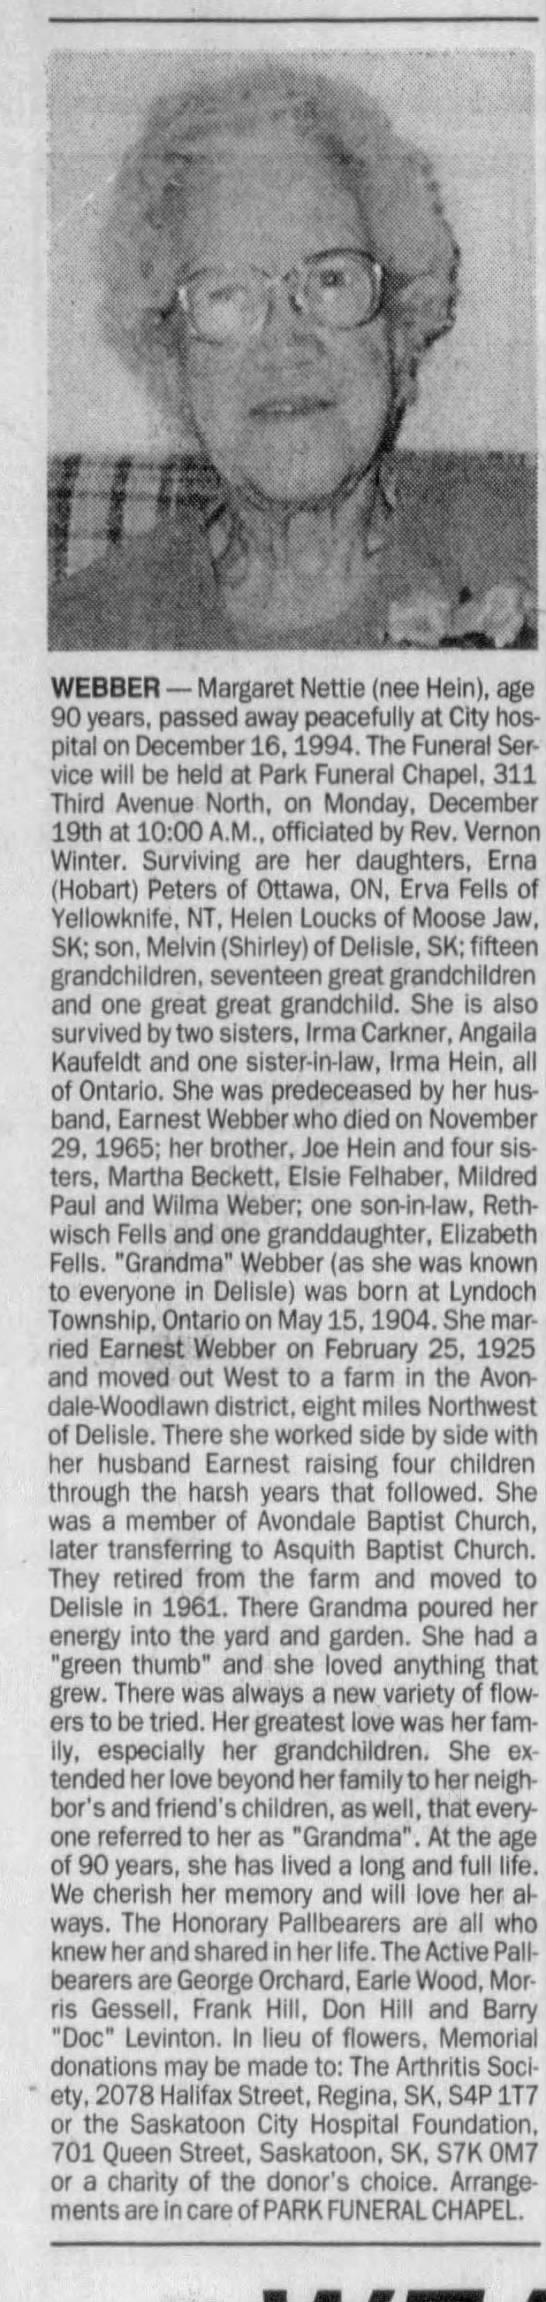 Obituary: Margaret Nettie WEBBER nee Hein, 1904-1994 (Aged 90) -